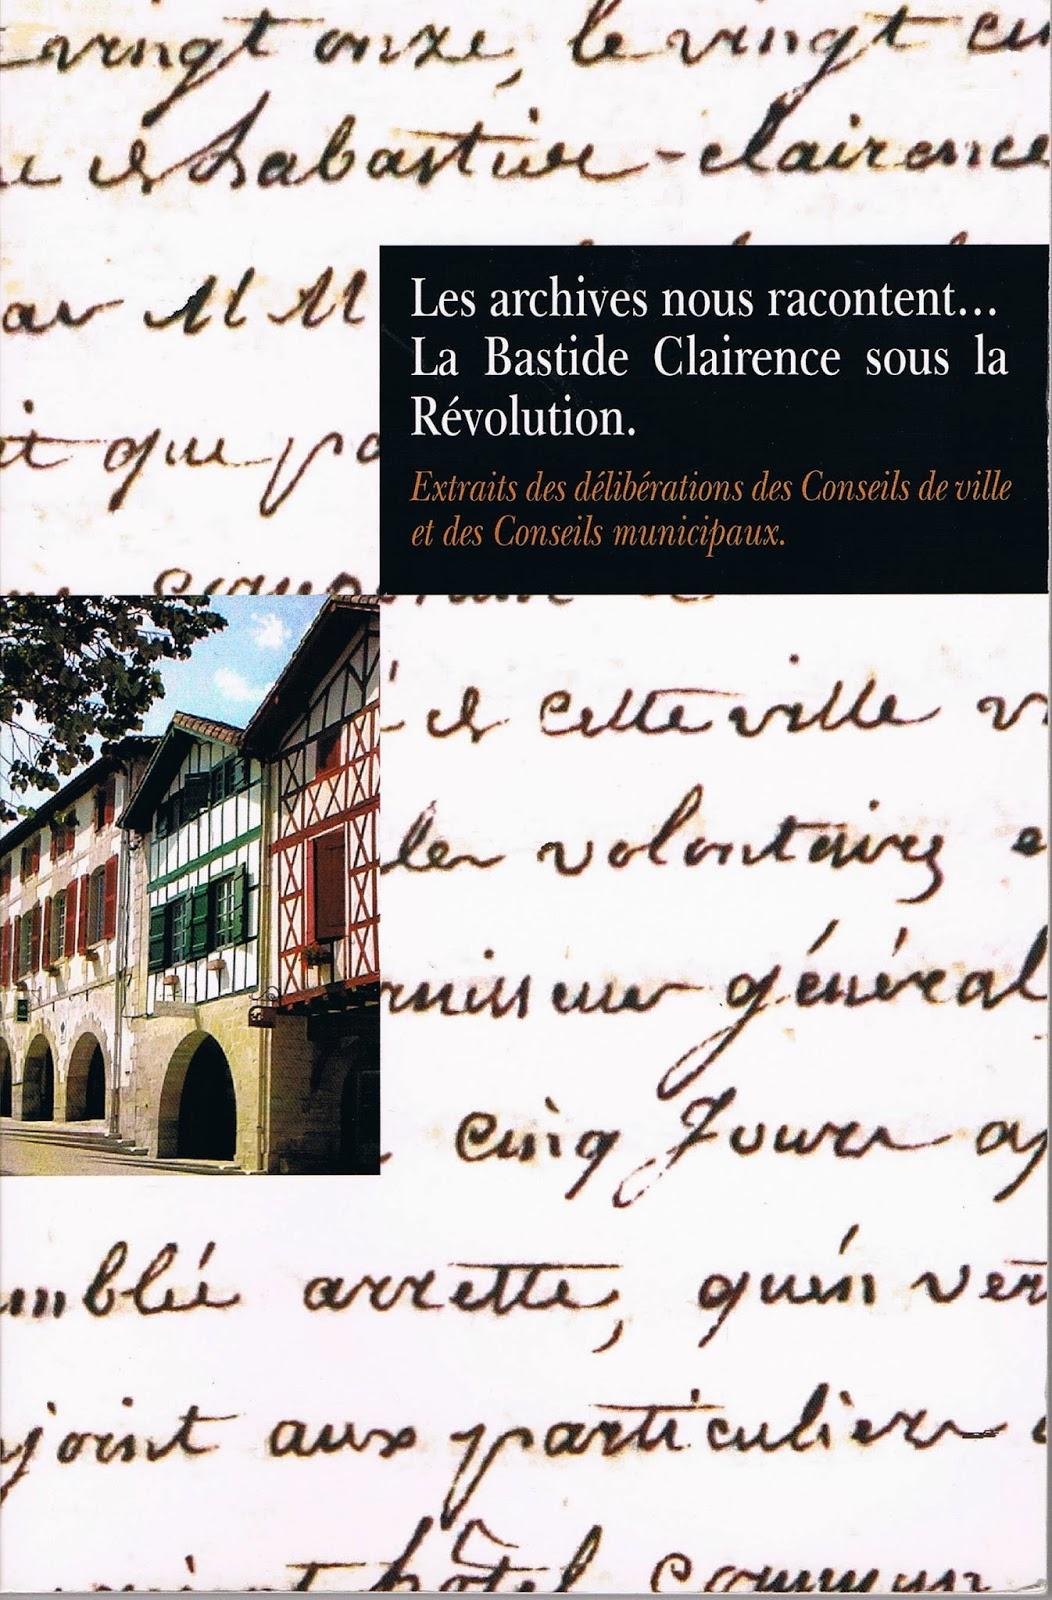 Office de tourisme du pays de hasparren et de la bastide - Office de tourisme la bastide clairence ...